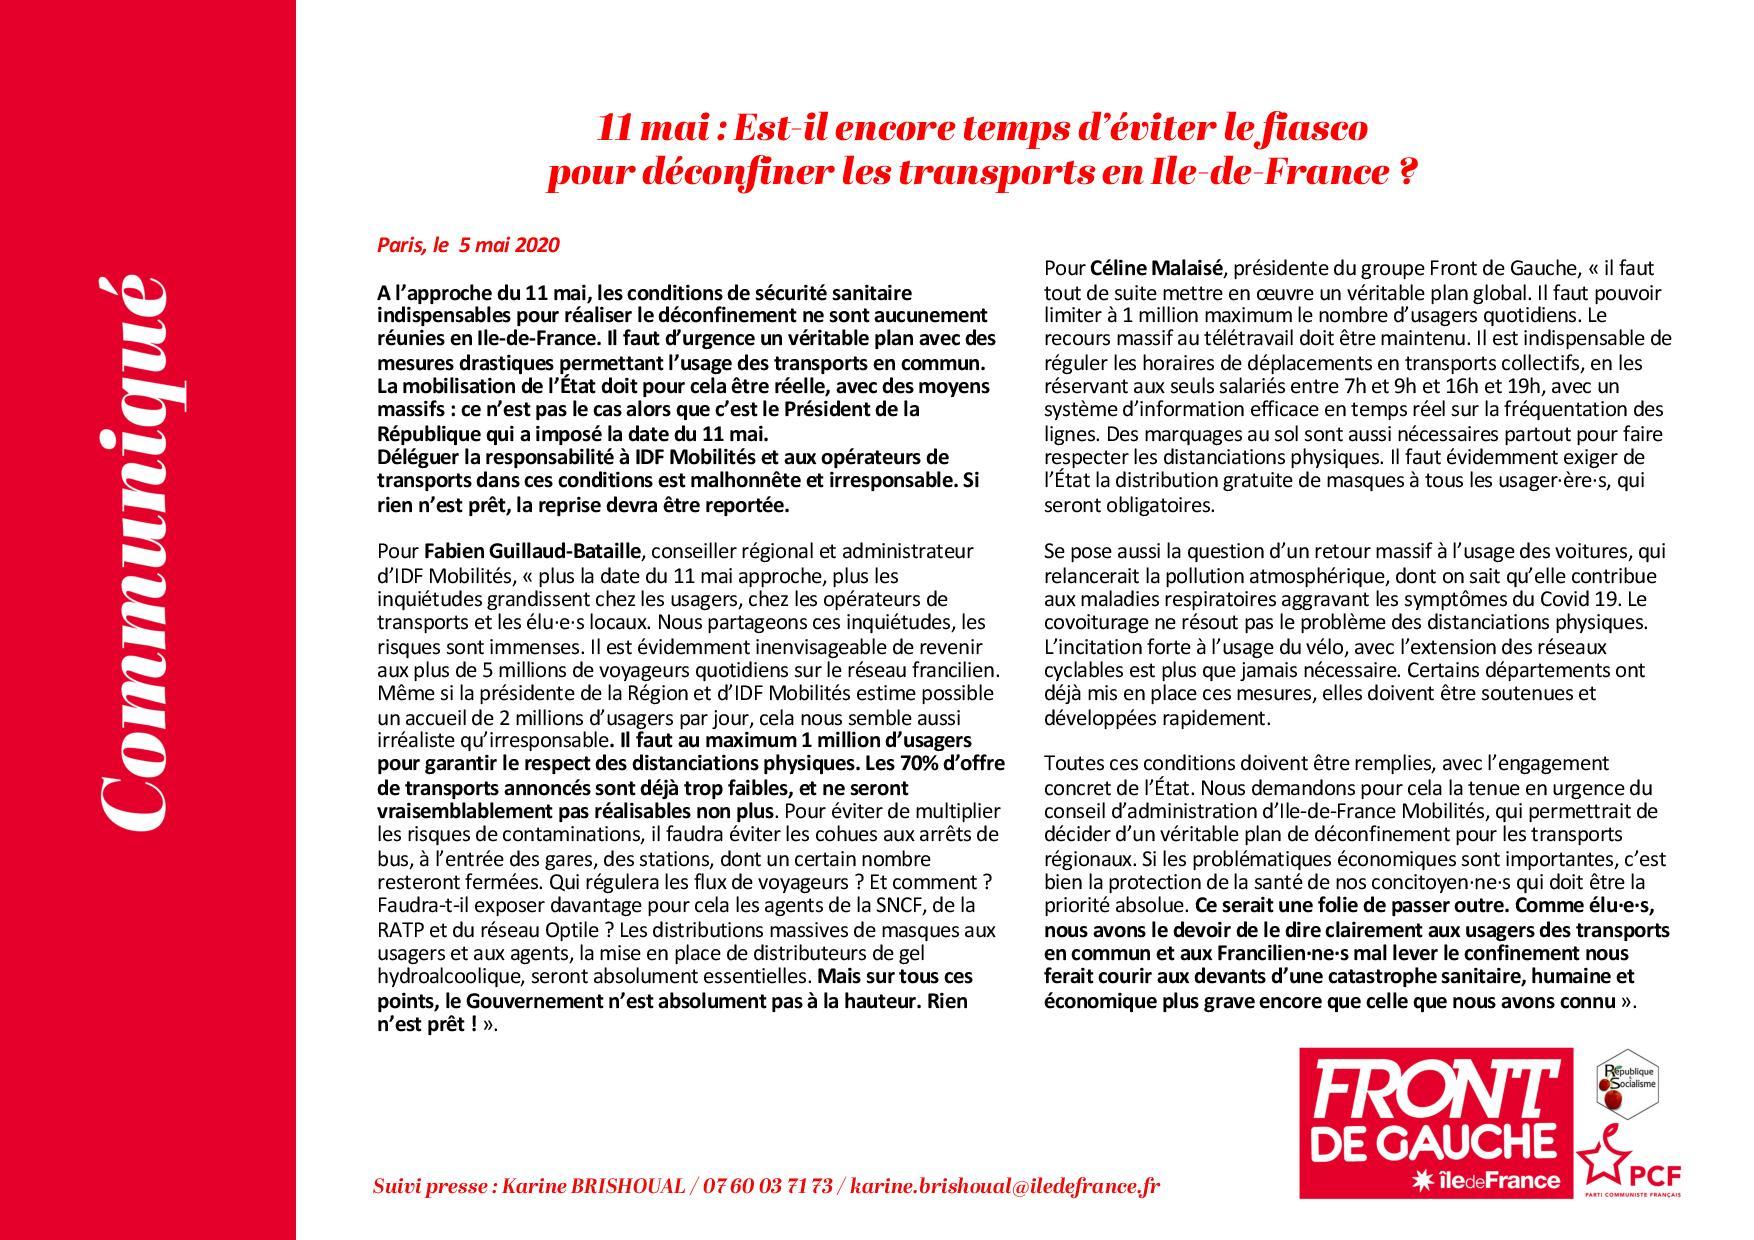 CP_FDG-Déconfinement_trnsports-_5mai_20-page-001.jpg